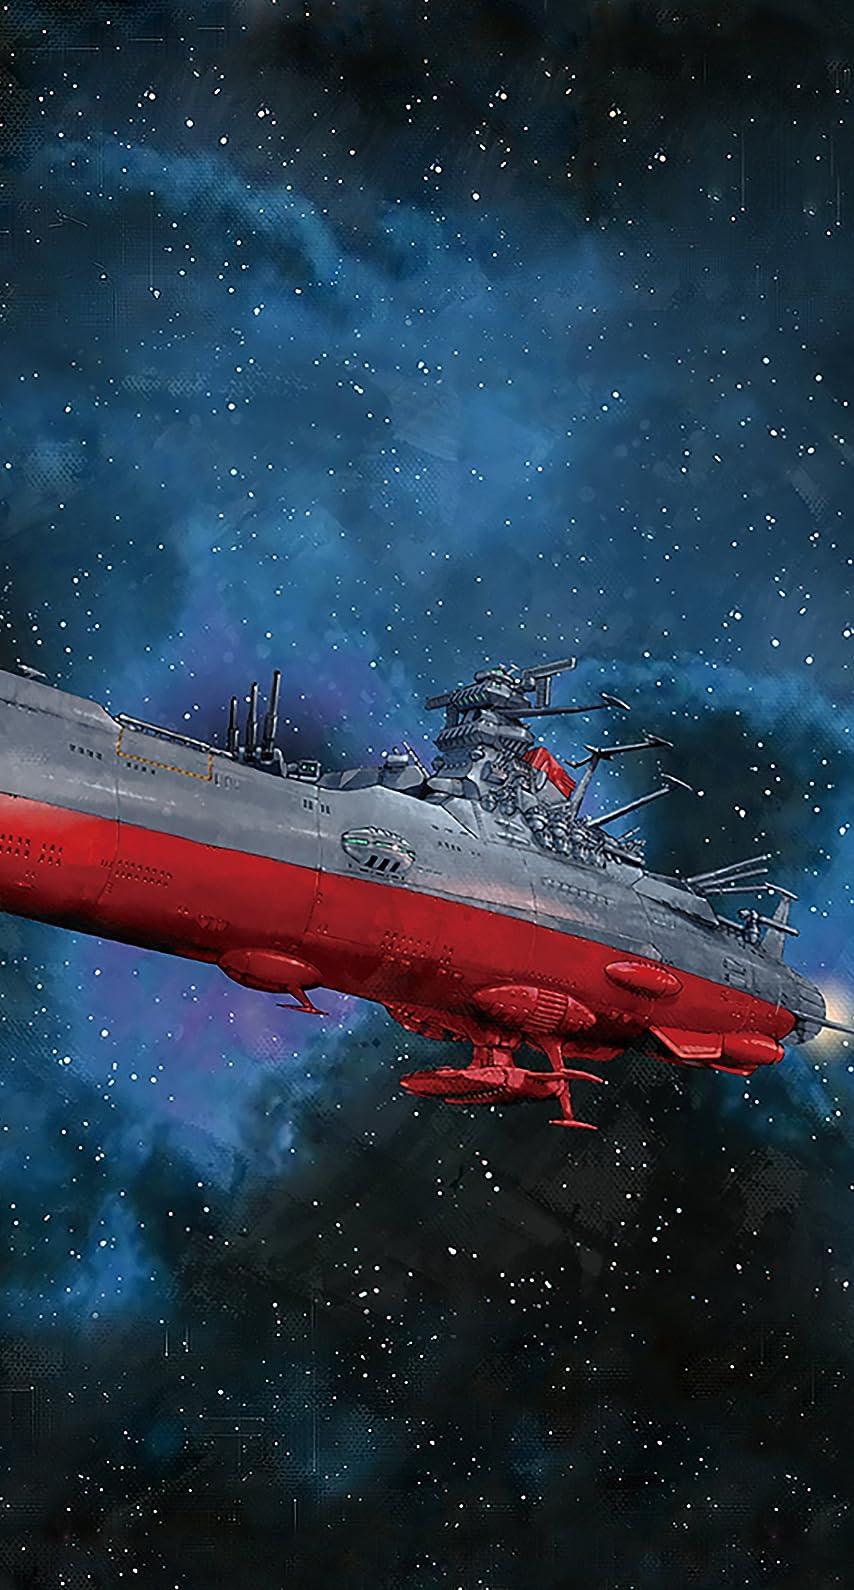 01年宇宙の旅 壁紙 01年宇宙の旅 壁紙 あなたのための最高の壁紙画像